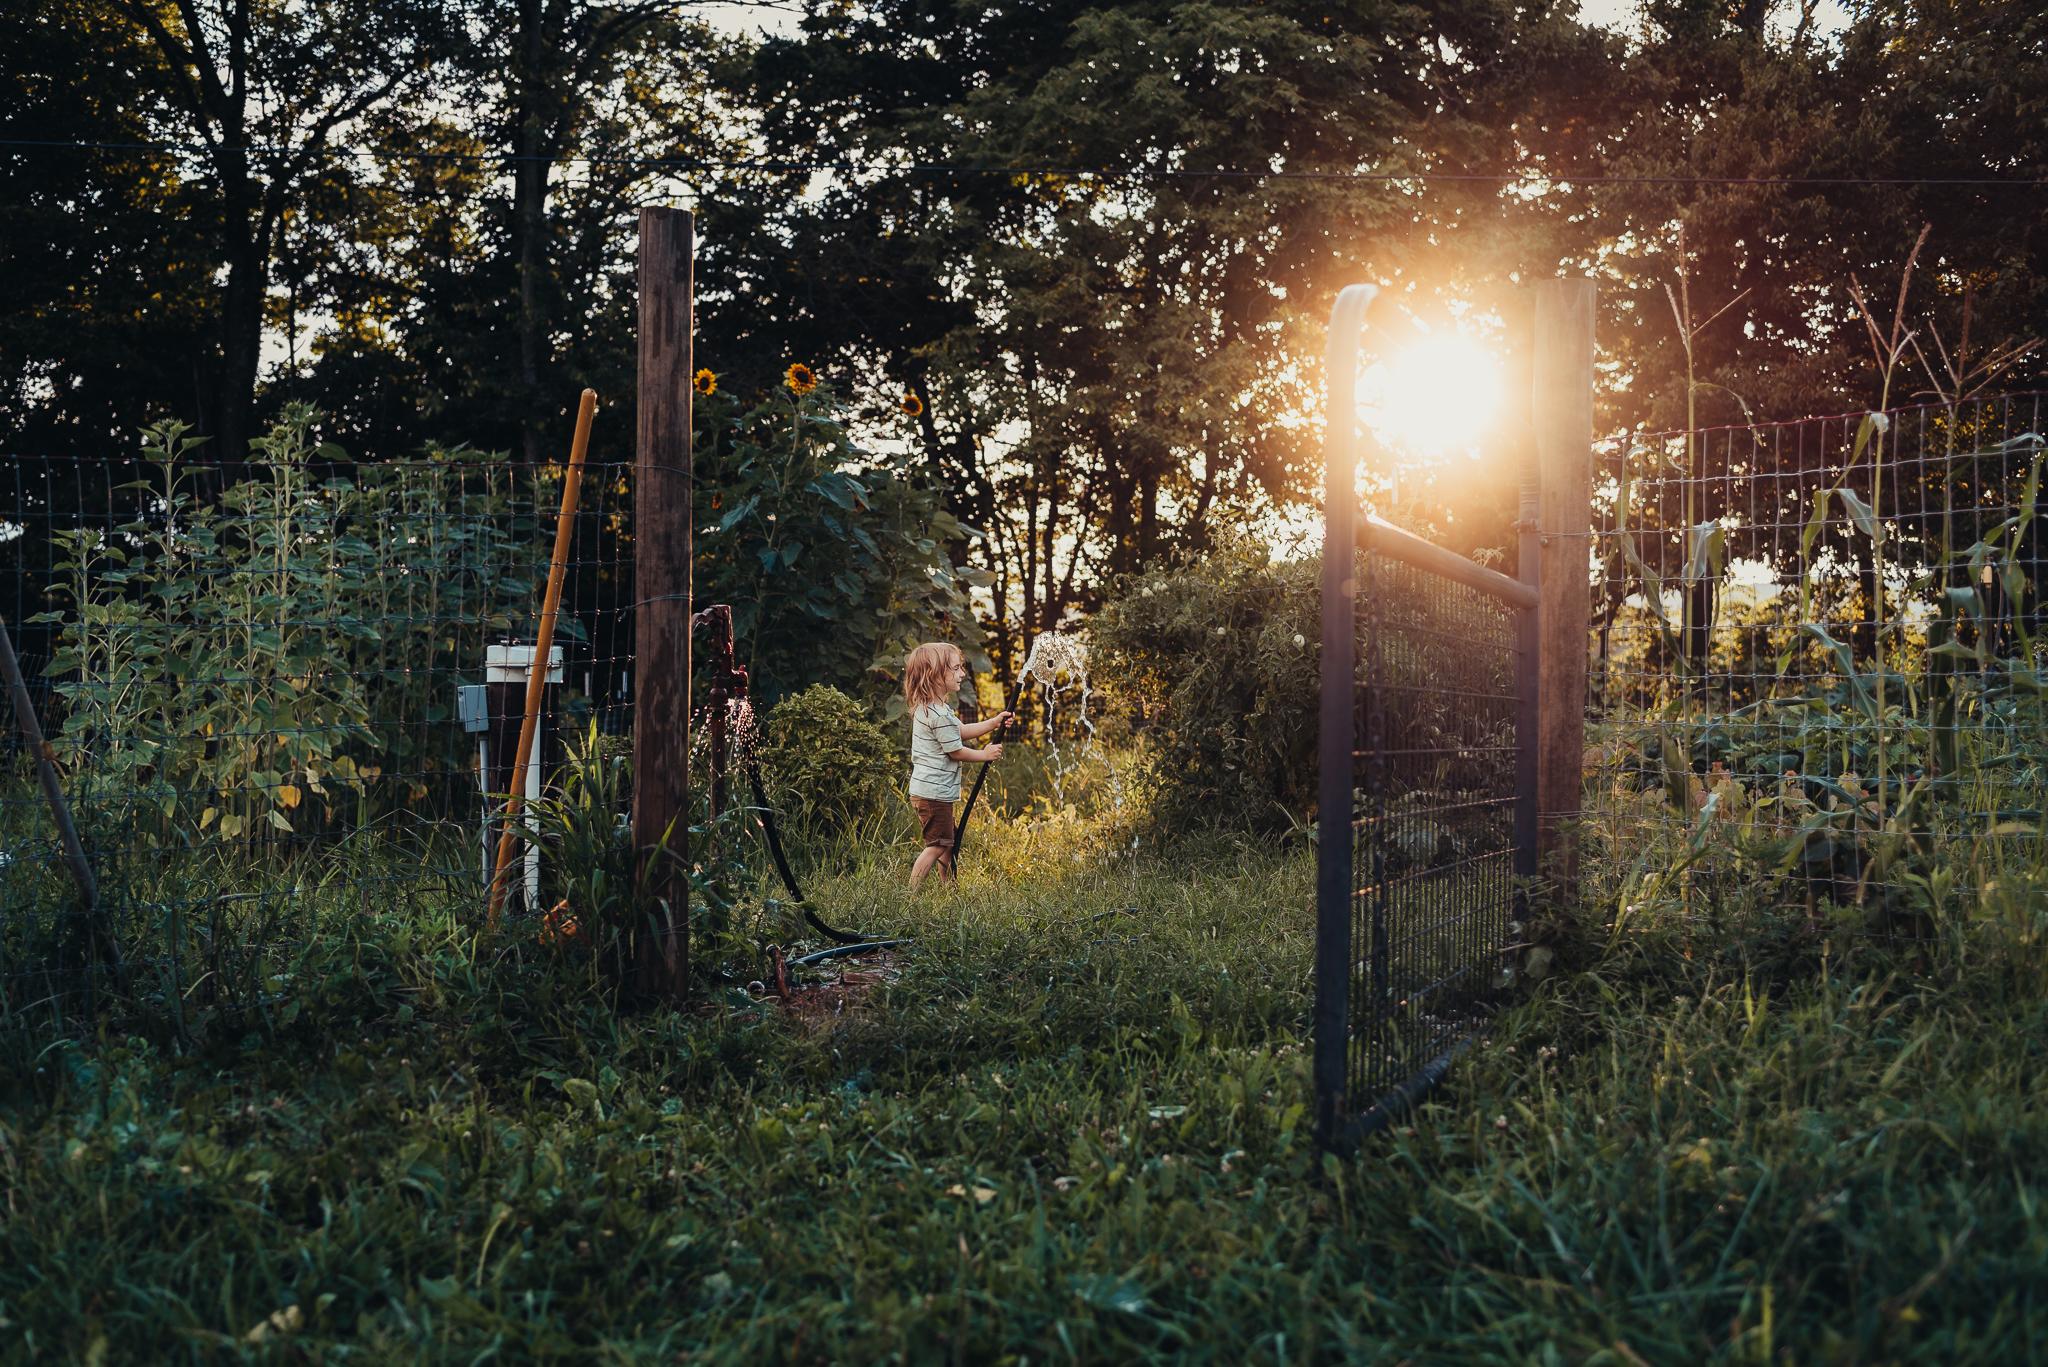 summer18.gardenevening-2.jpg